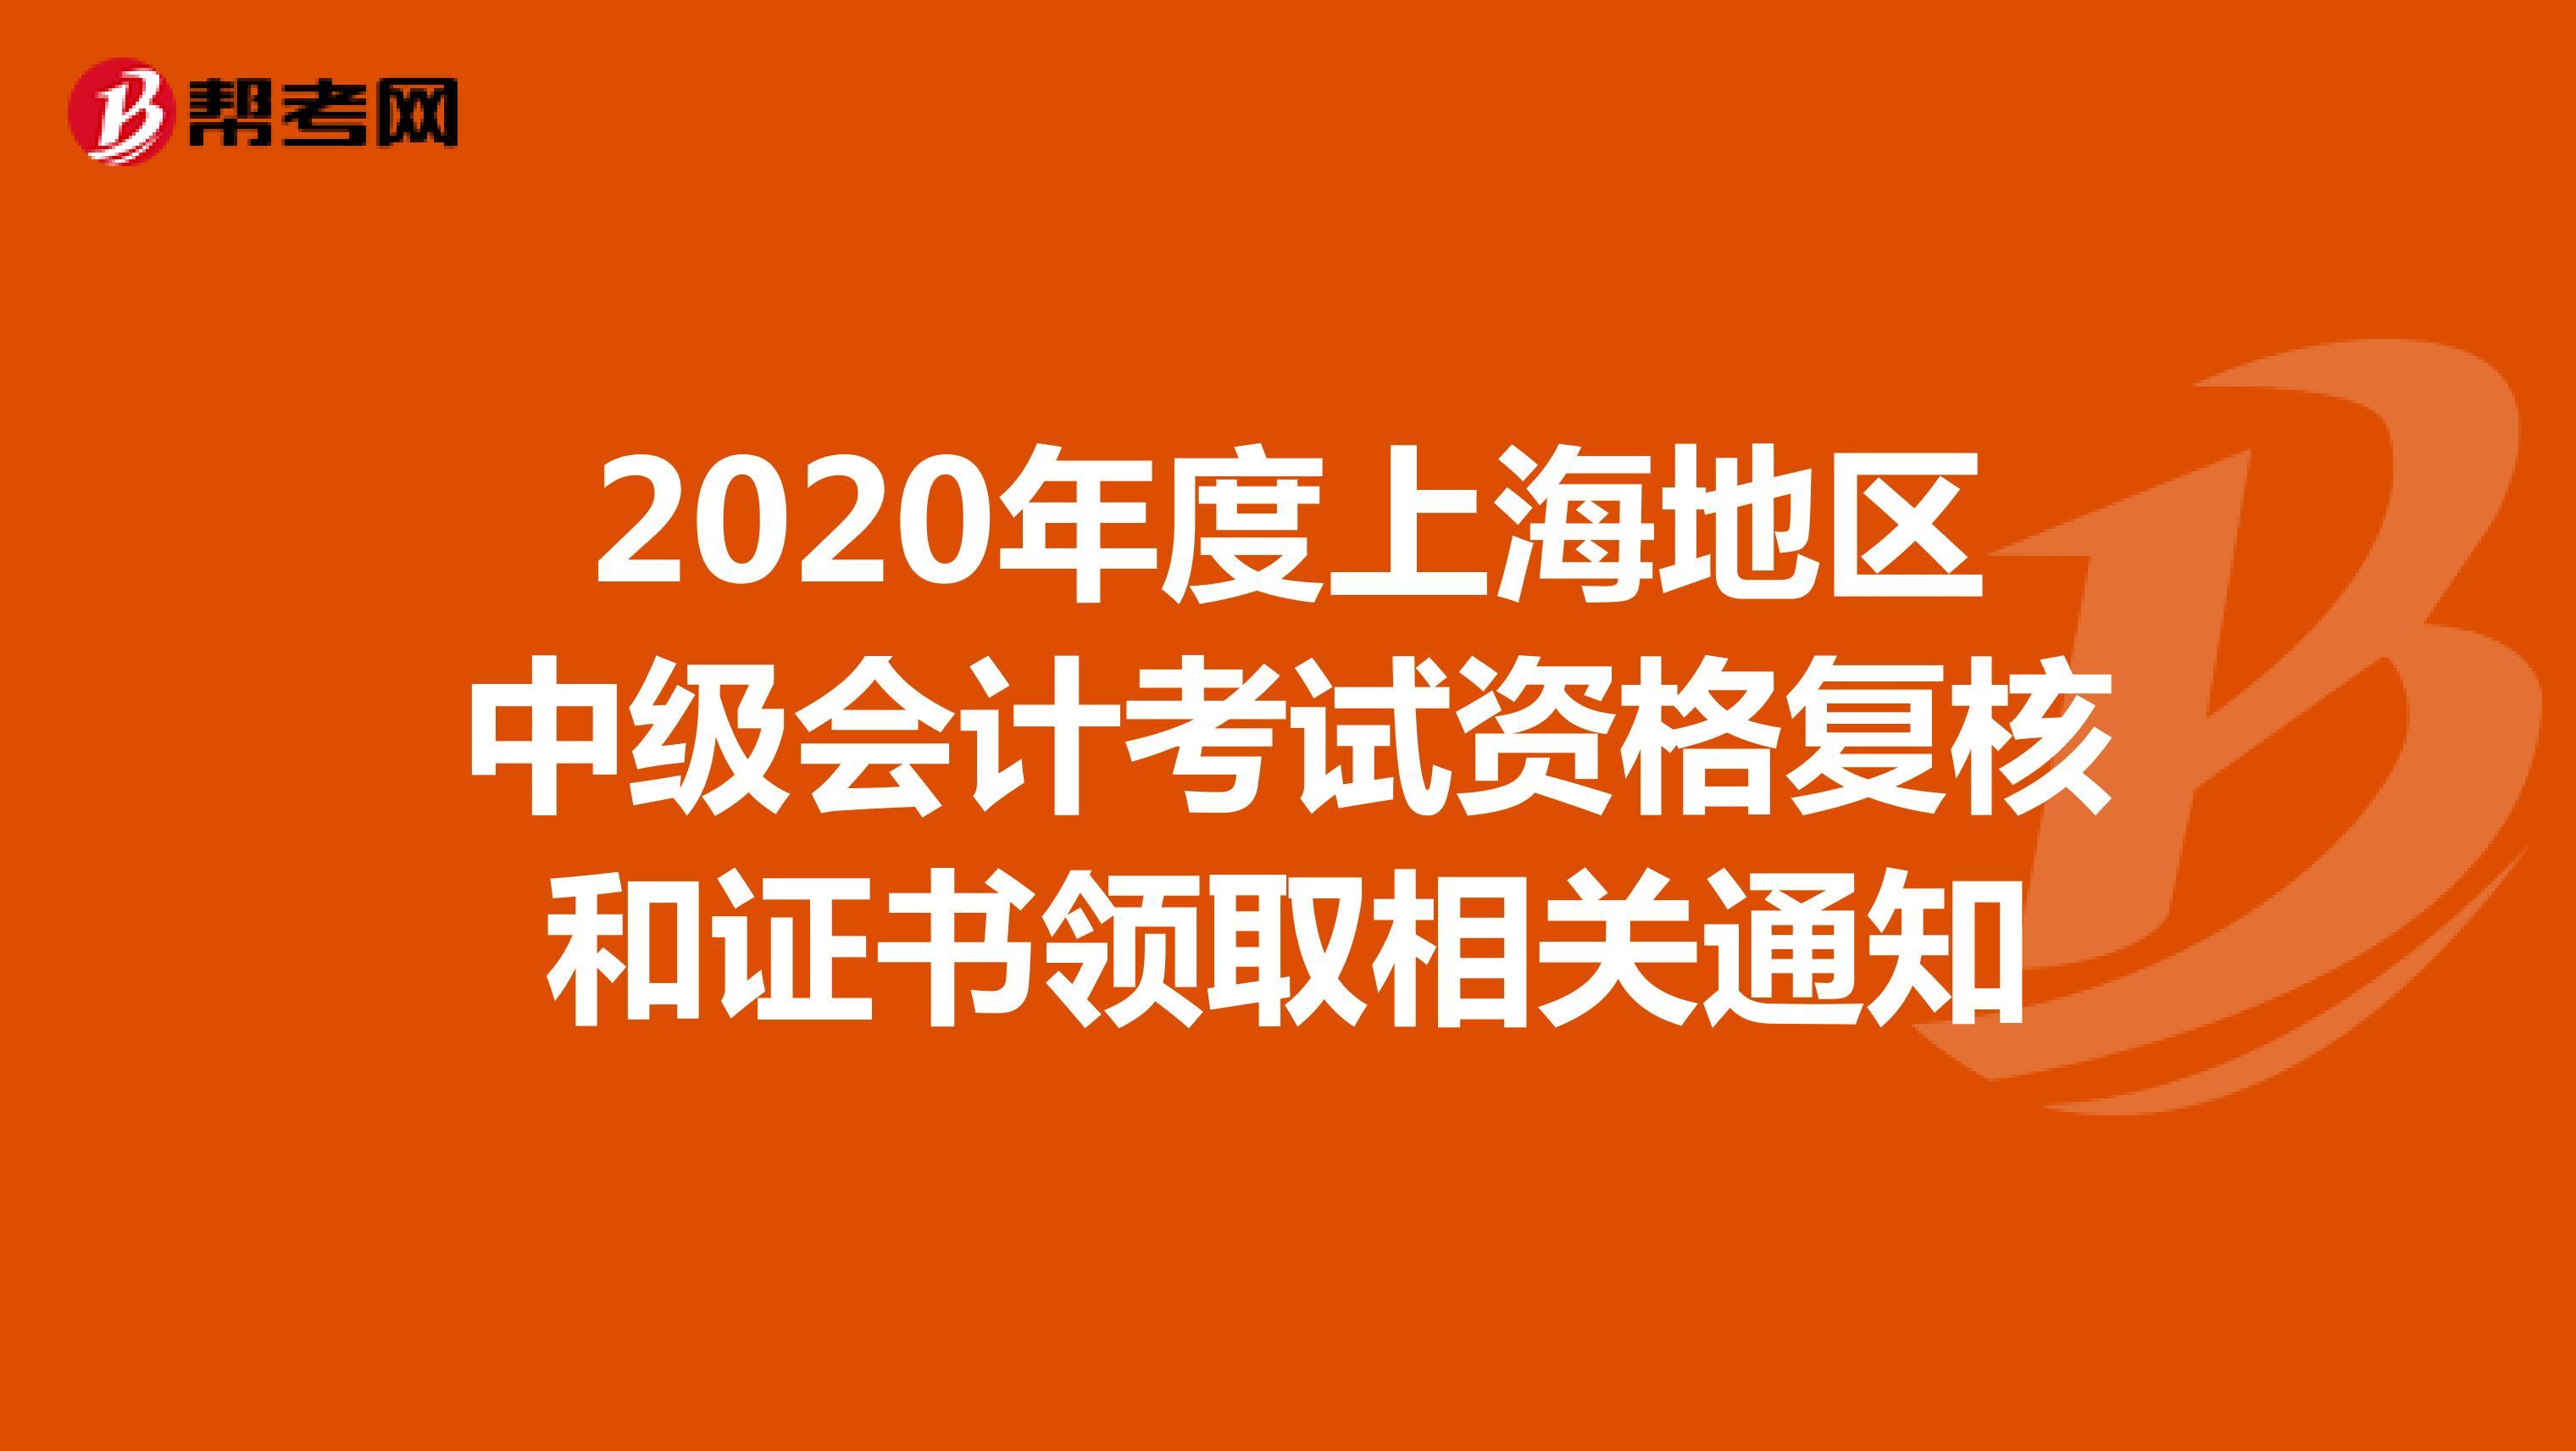 2020年度上海地區中級會計考試資格復核和證書領取相關通知